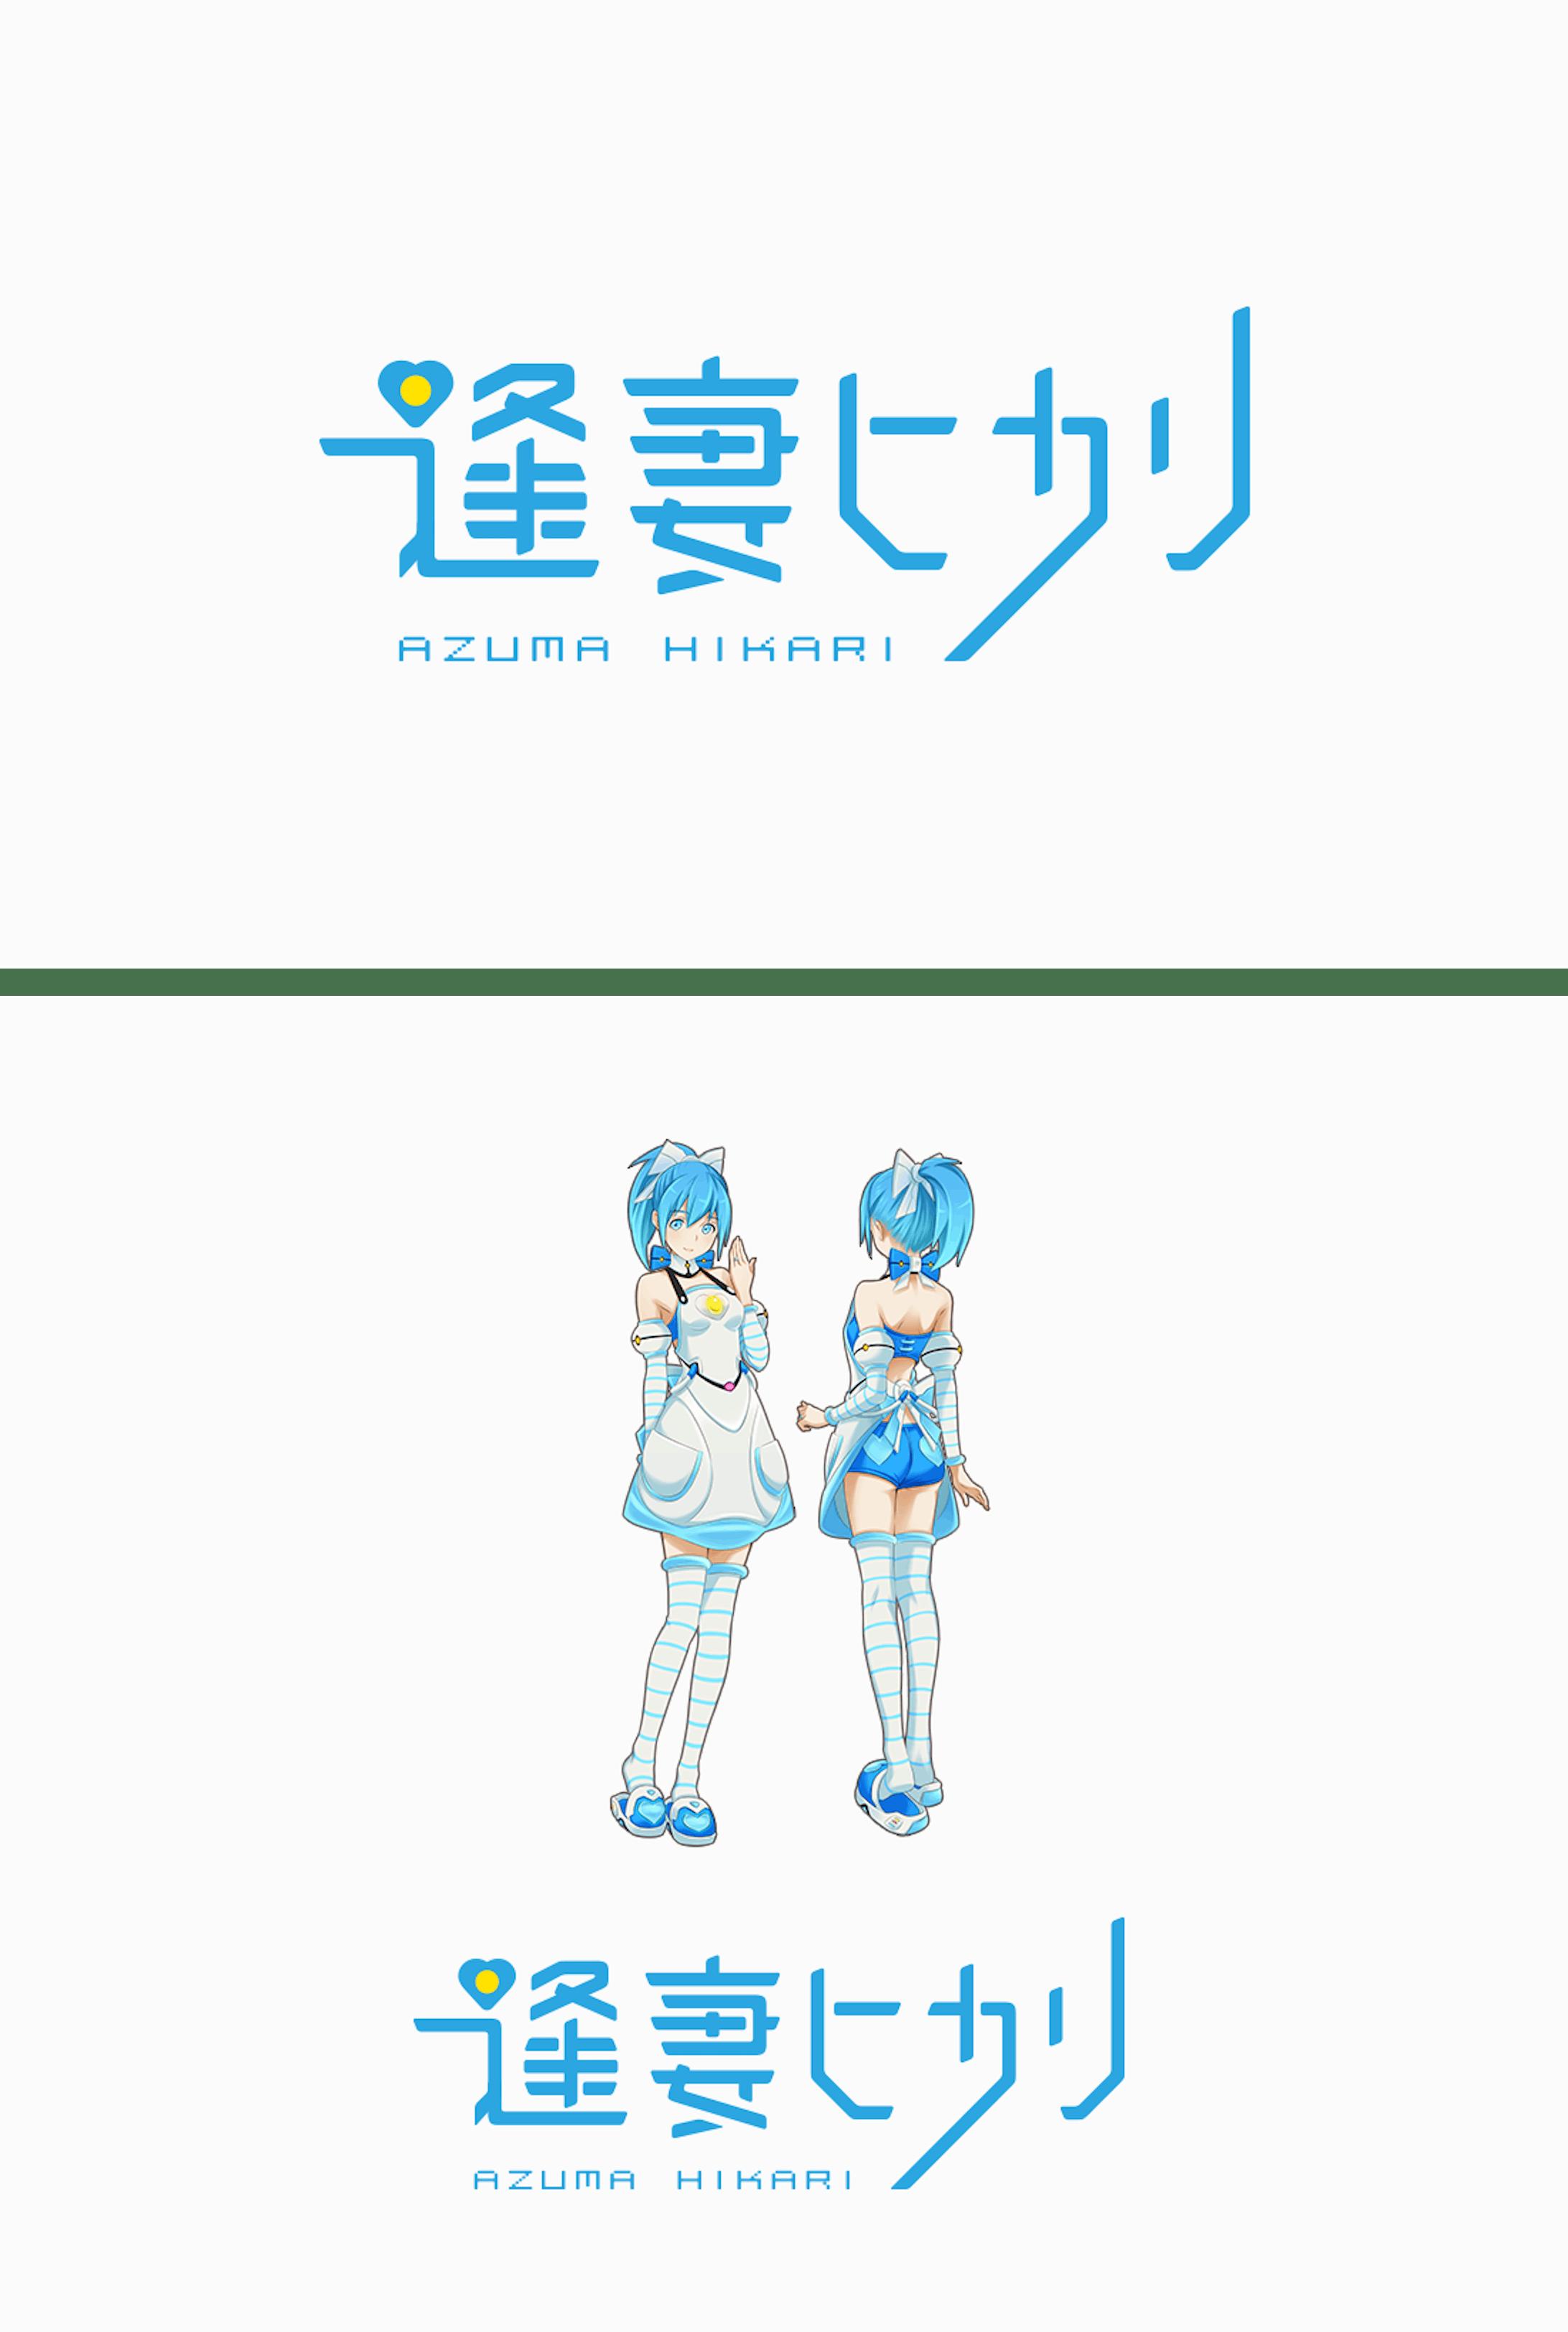 逢妻ヒカリ ロゴデザイン-1